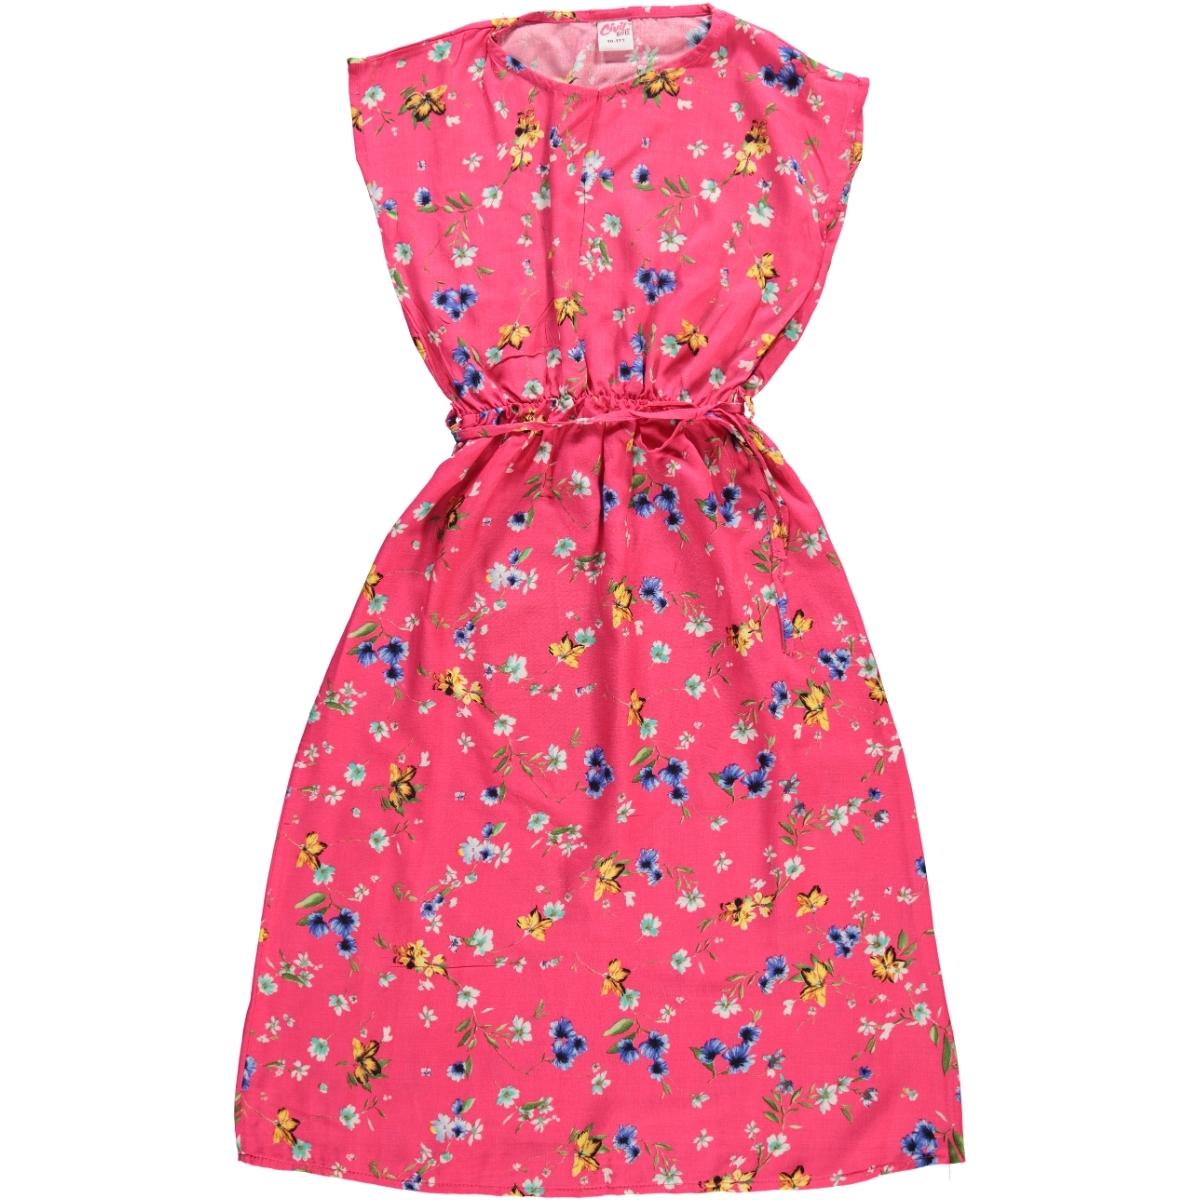 840286bc8f764 374 / FSY Civil Girls Kız Çocuk Elbise 10-13 Yaş Fuşya